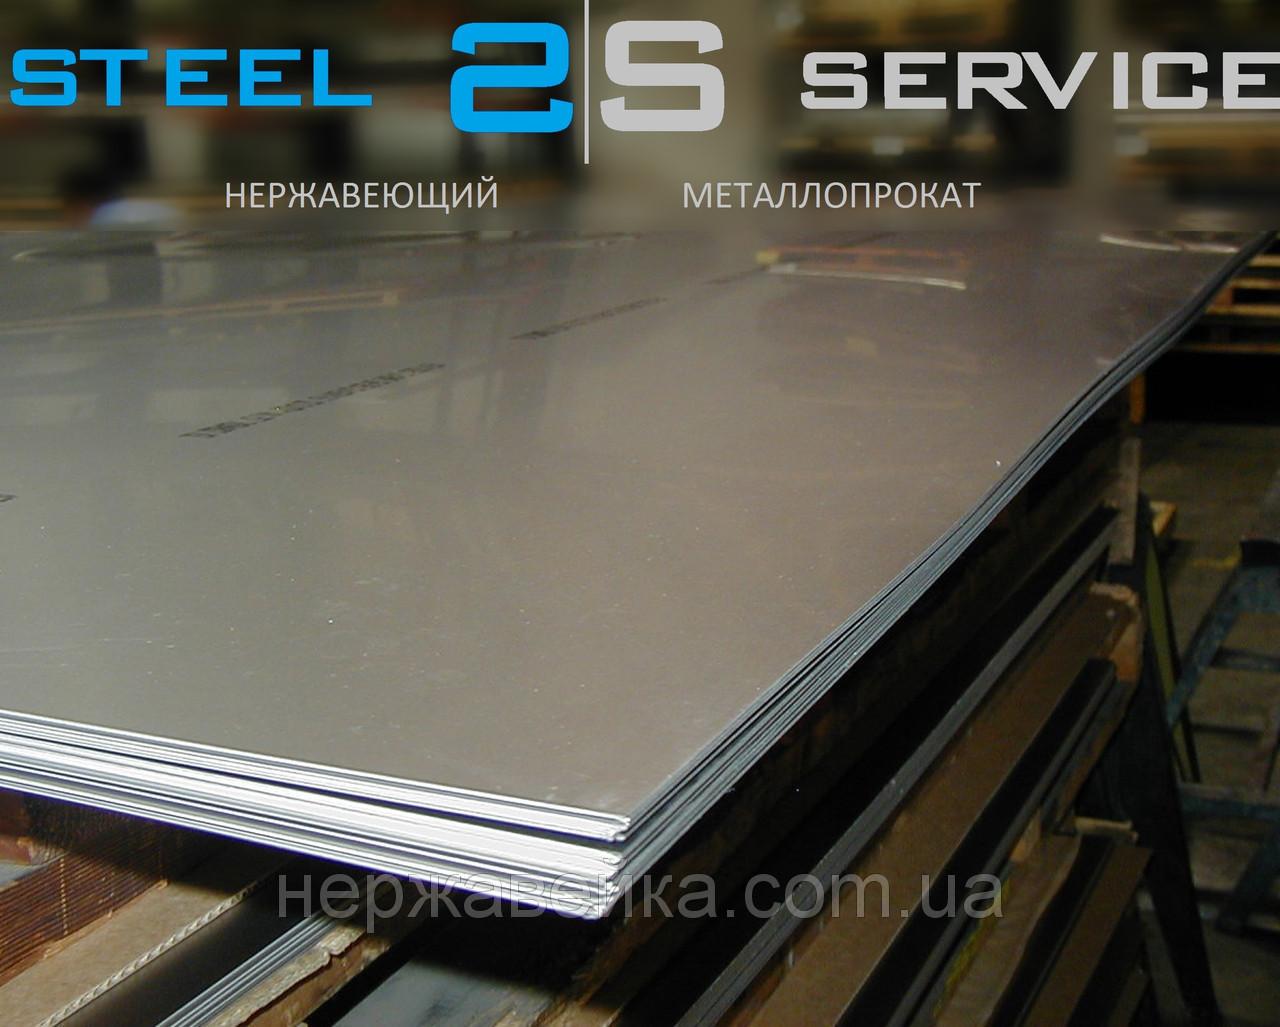 Нержавейка лист 0,8х1500х3000мм  AISI 304(08Х18Н10) 4N - шлифованный,  пищевой